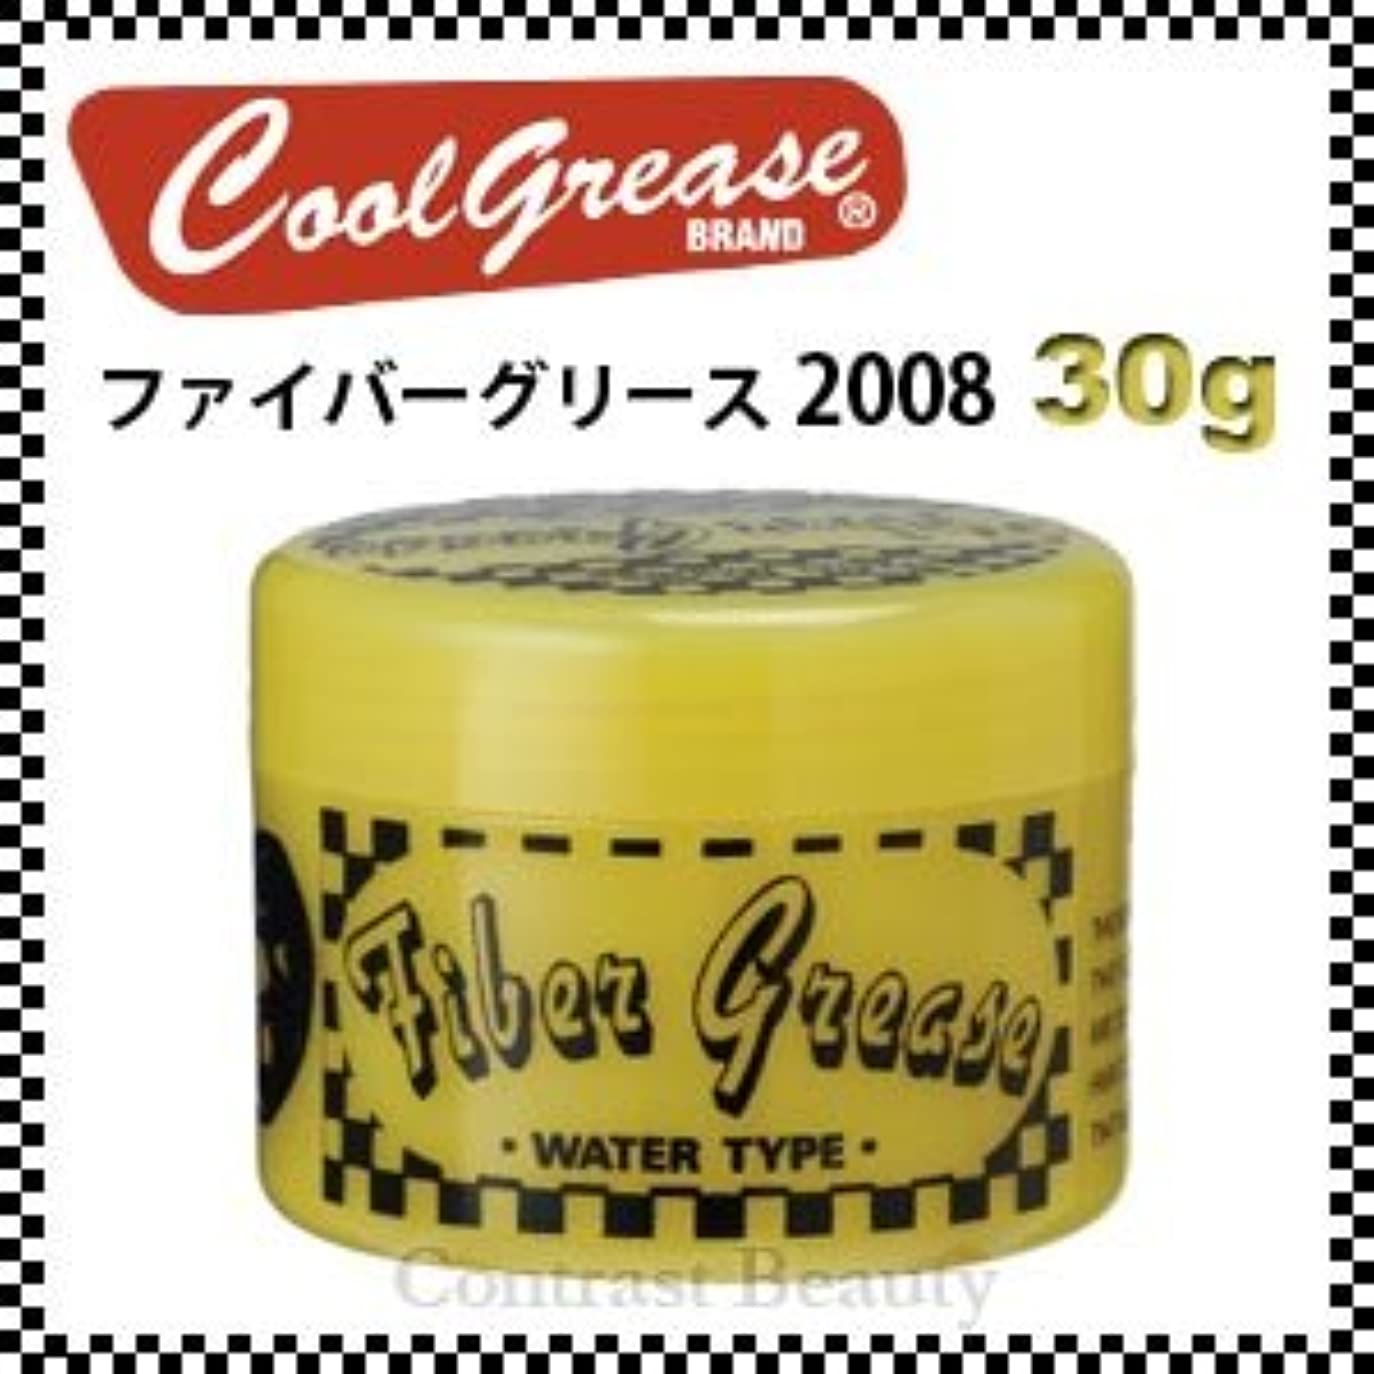 測定可能噂死すべき阪本高生堂 ファイバーグリース 2008 30g